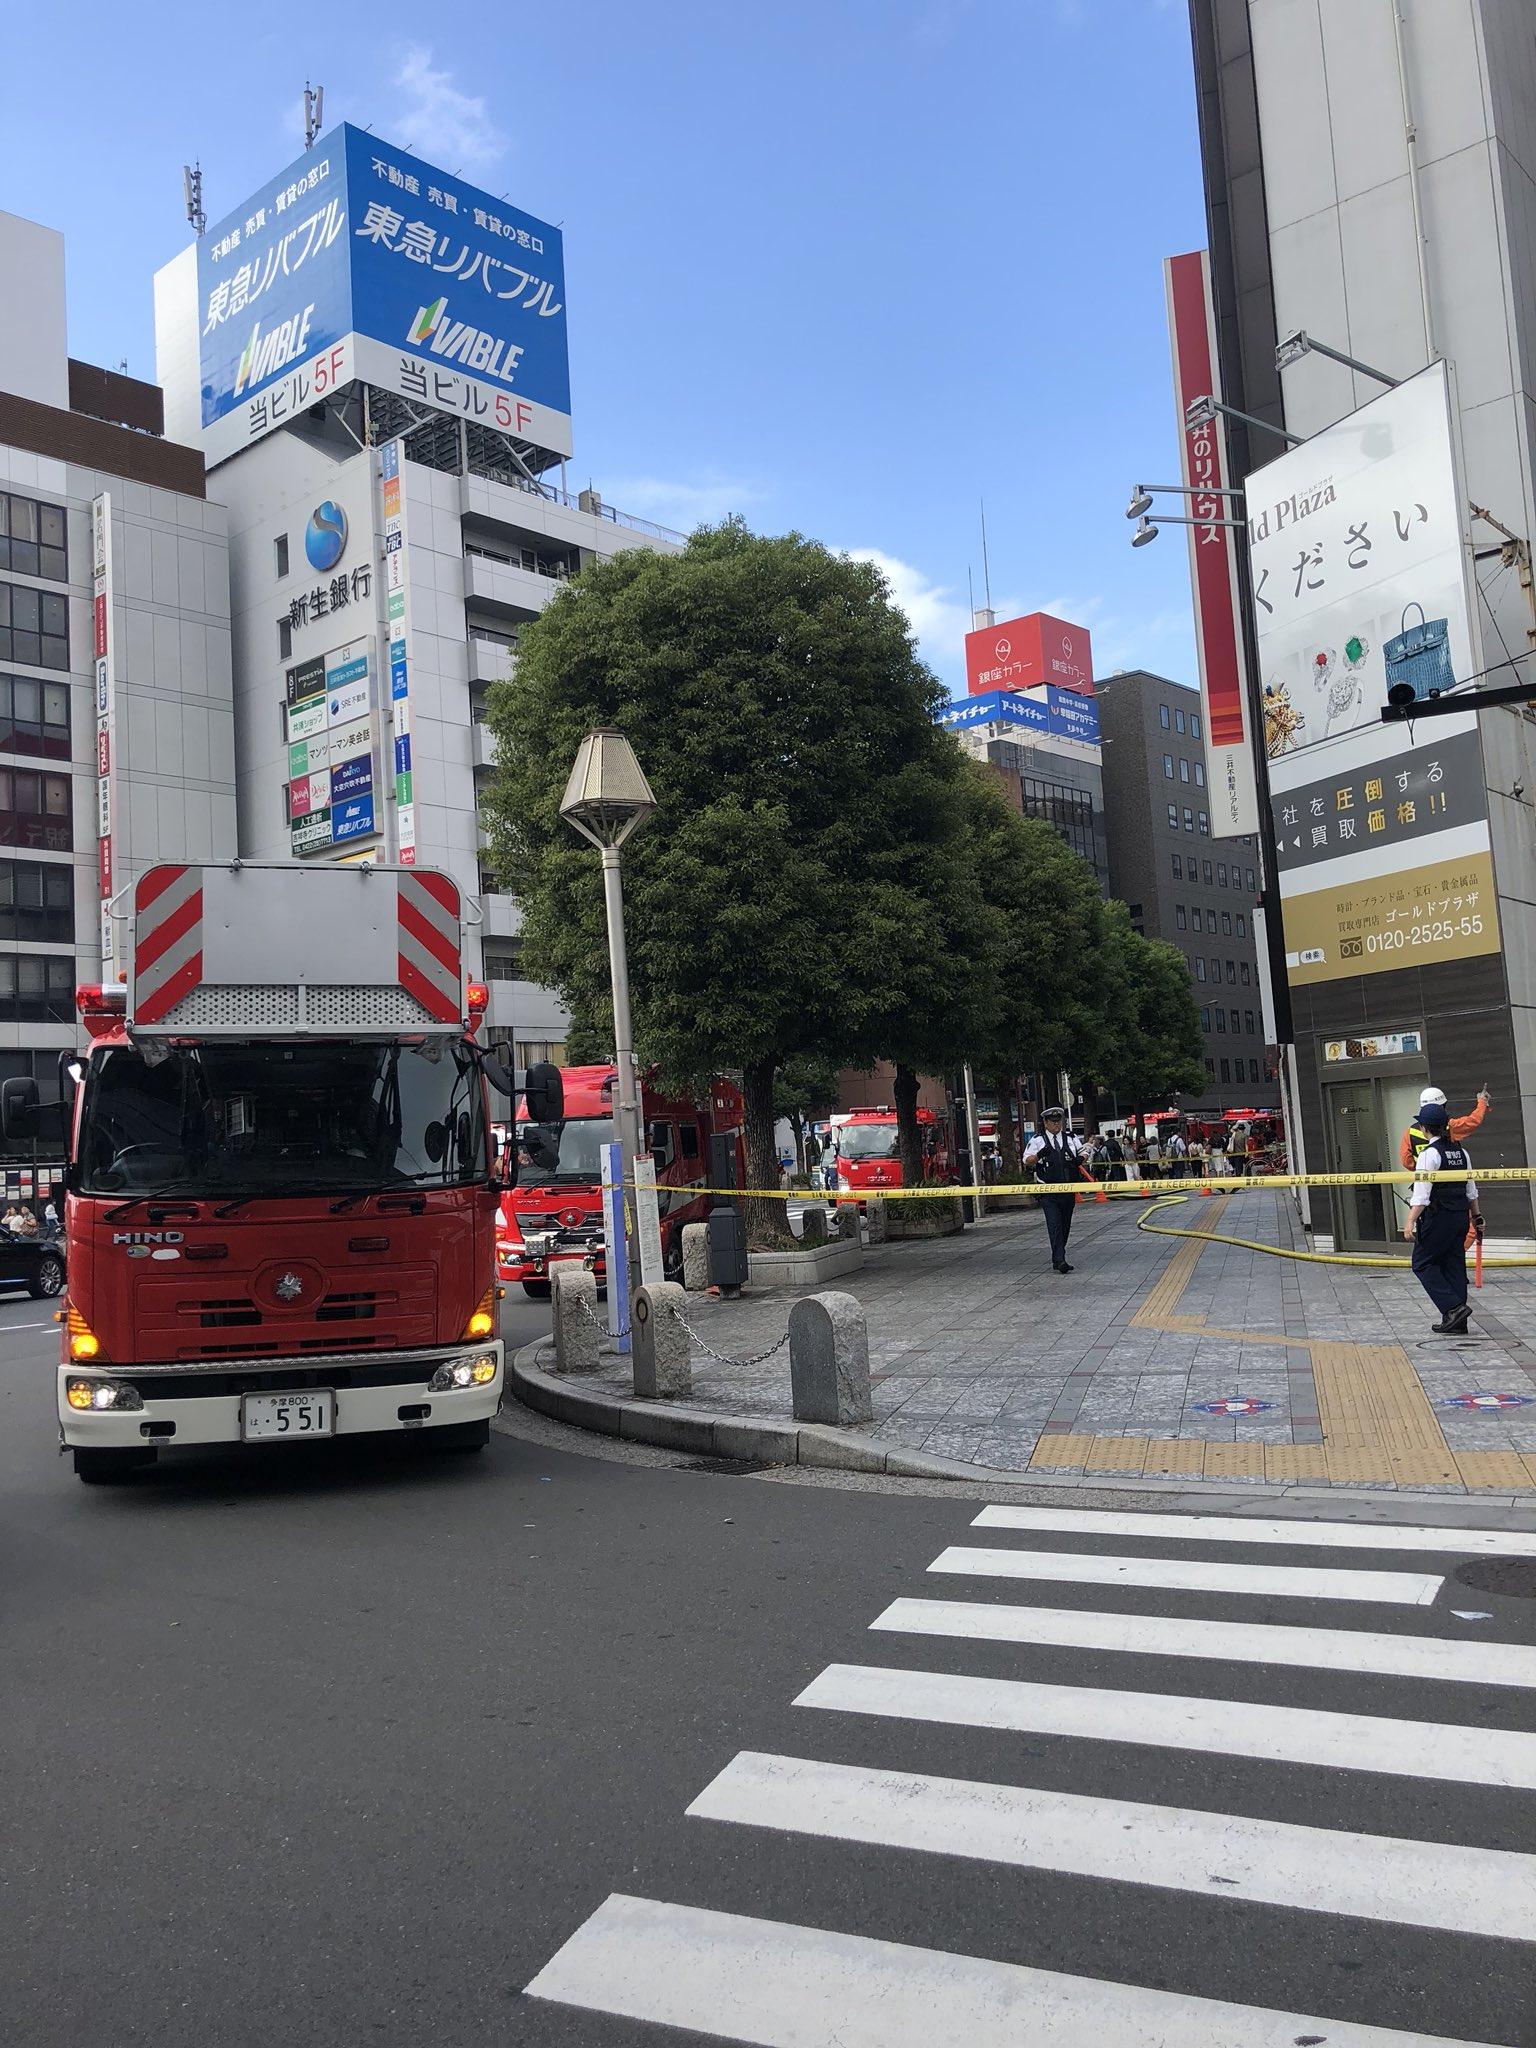 画像,吉祥寺駅前で火災!消防車の数が凄い! https://t.co/Gy5LpruvWh。